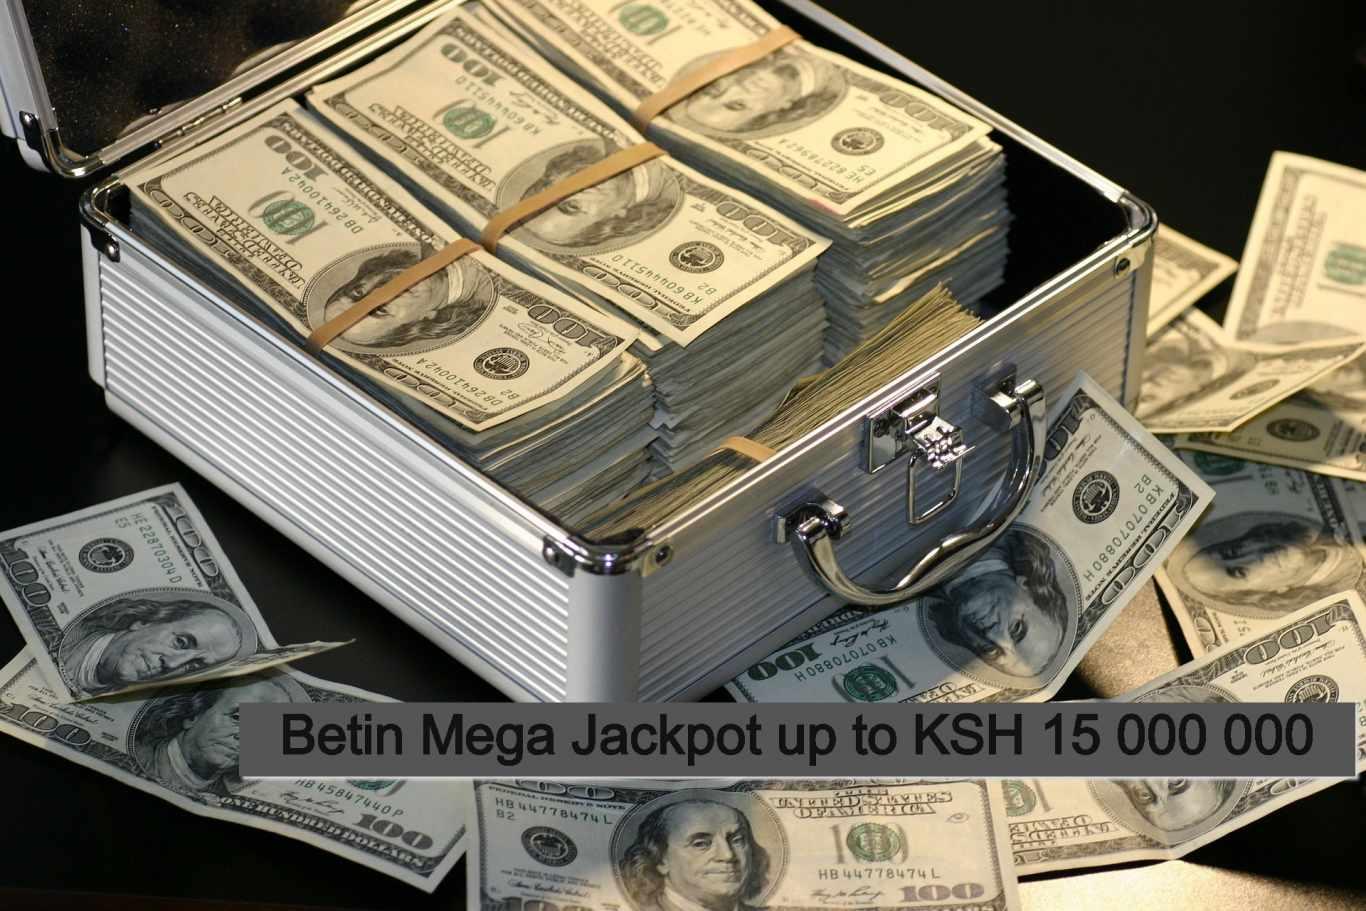 Betin Mega Jackpot